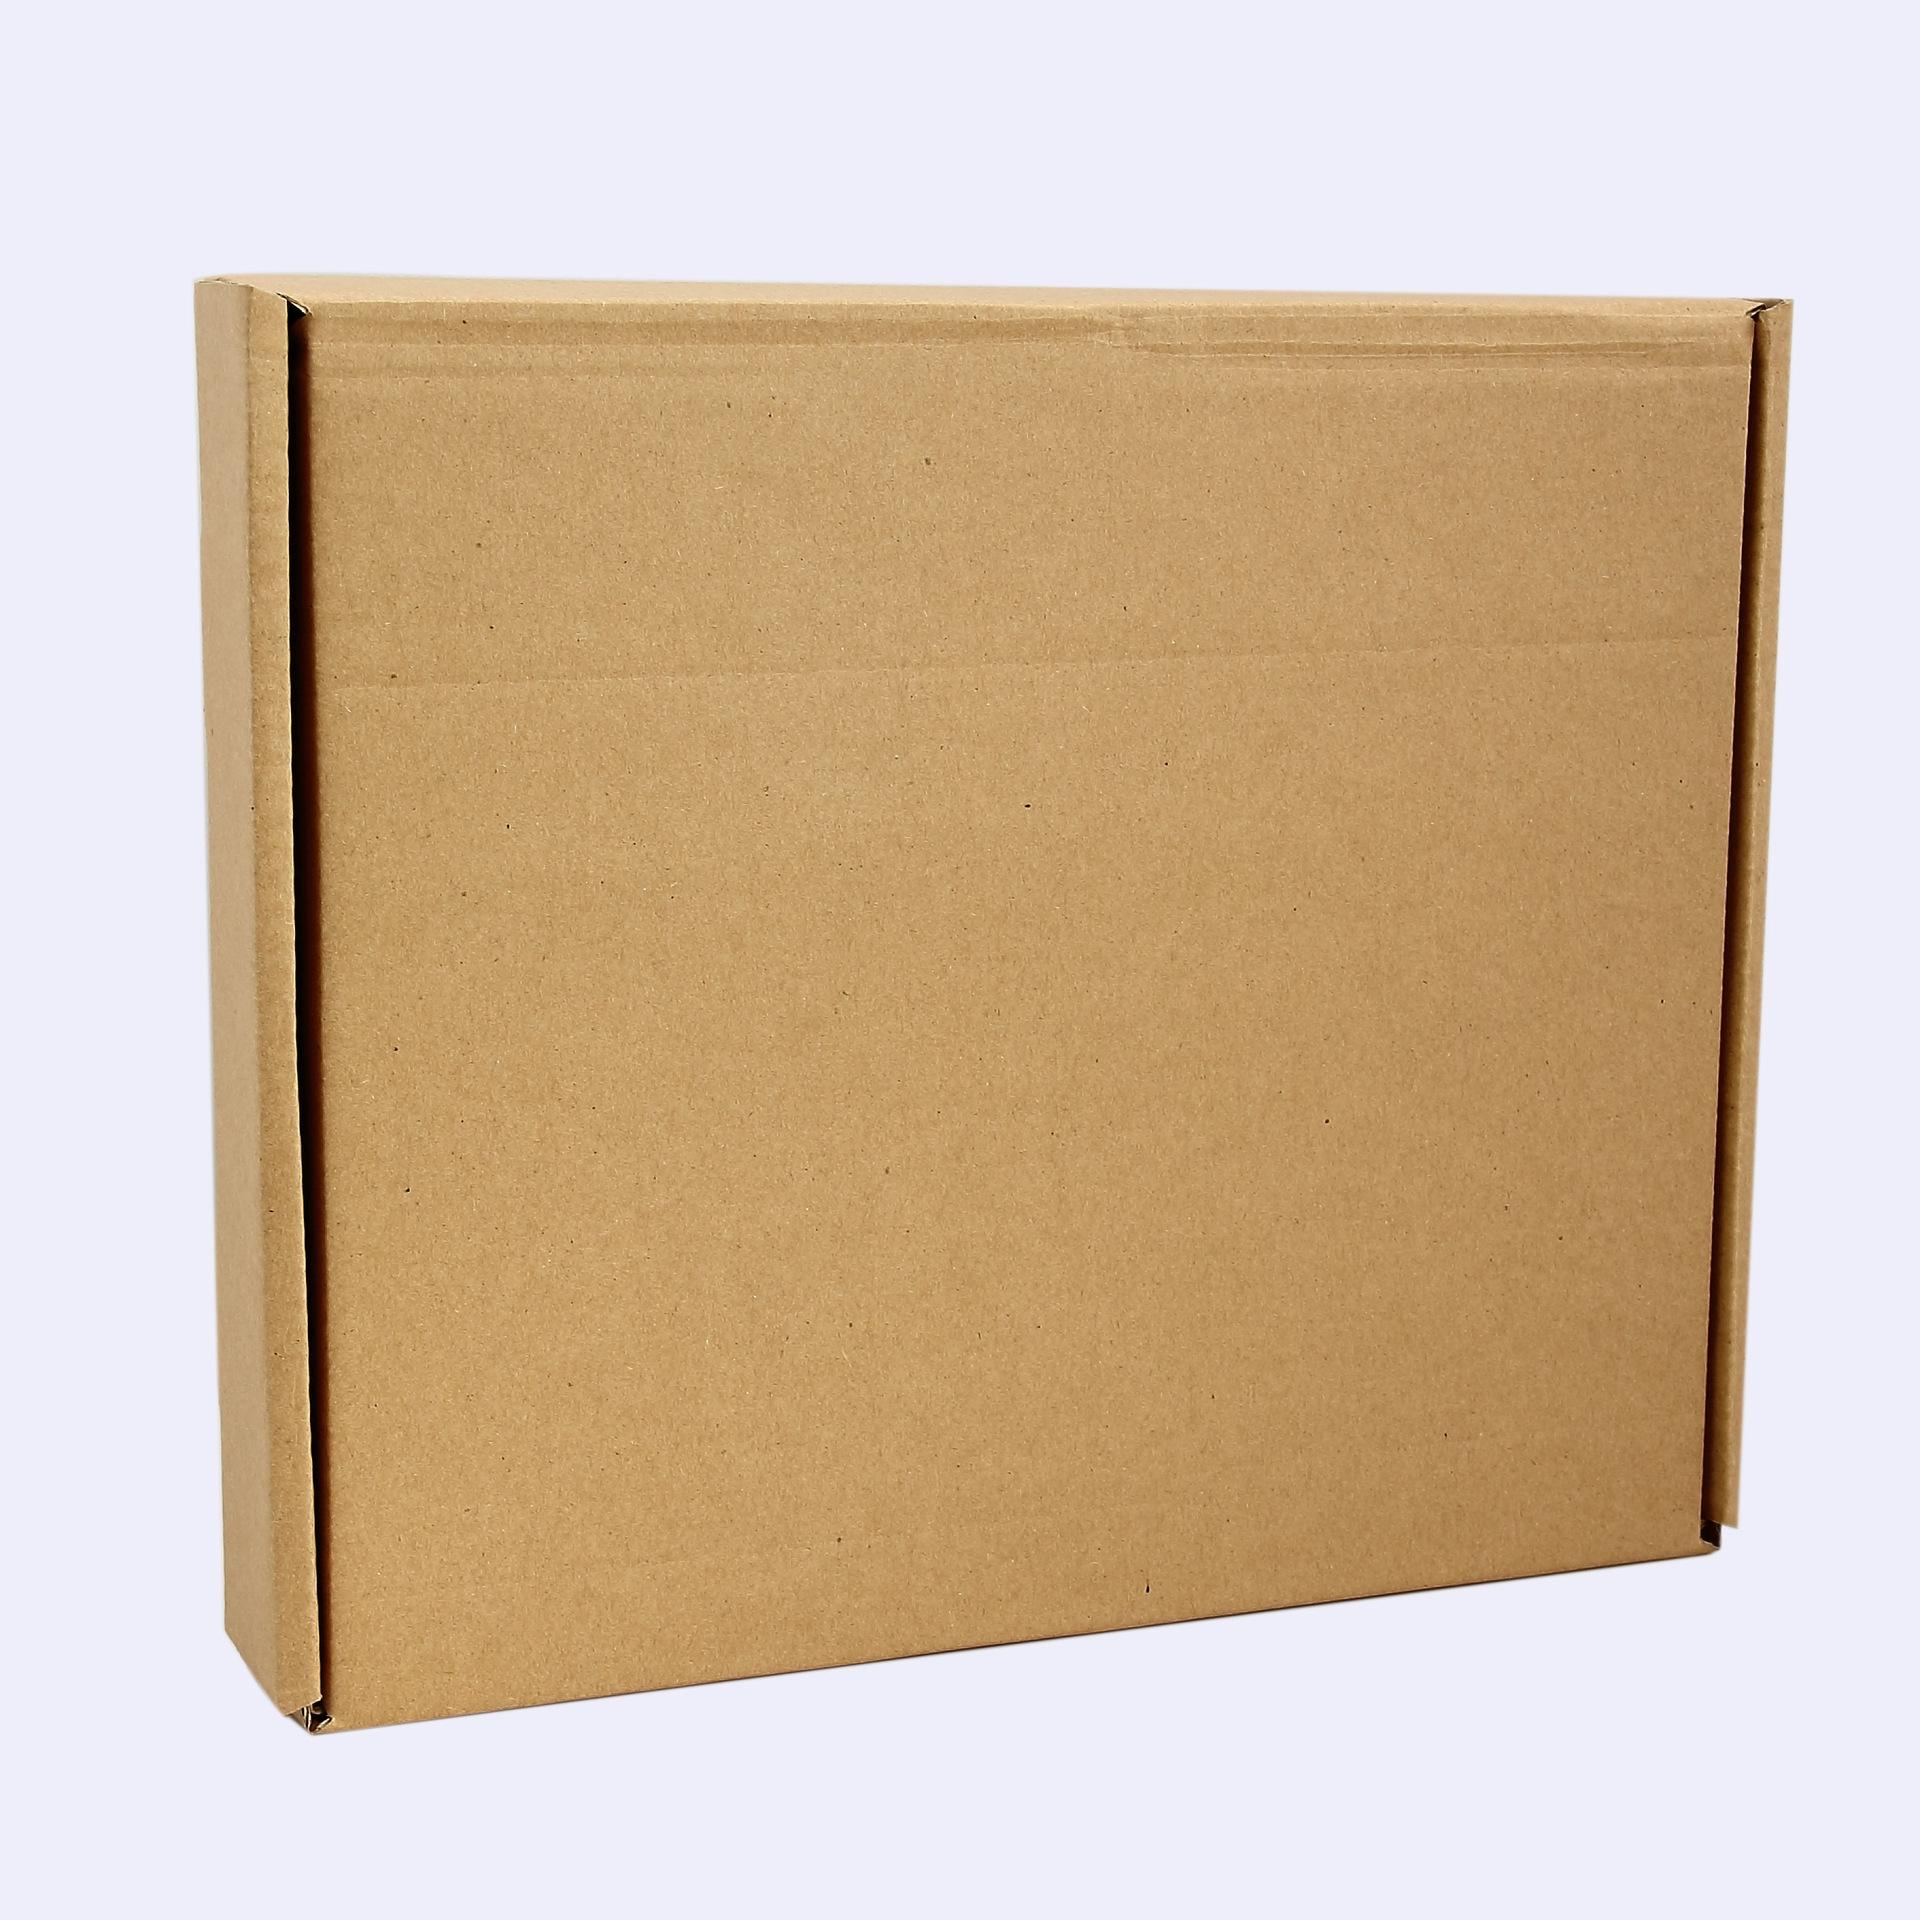 特硬包装盒淘宝快递飞机盒广州工厂批发35